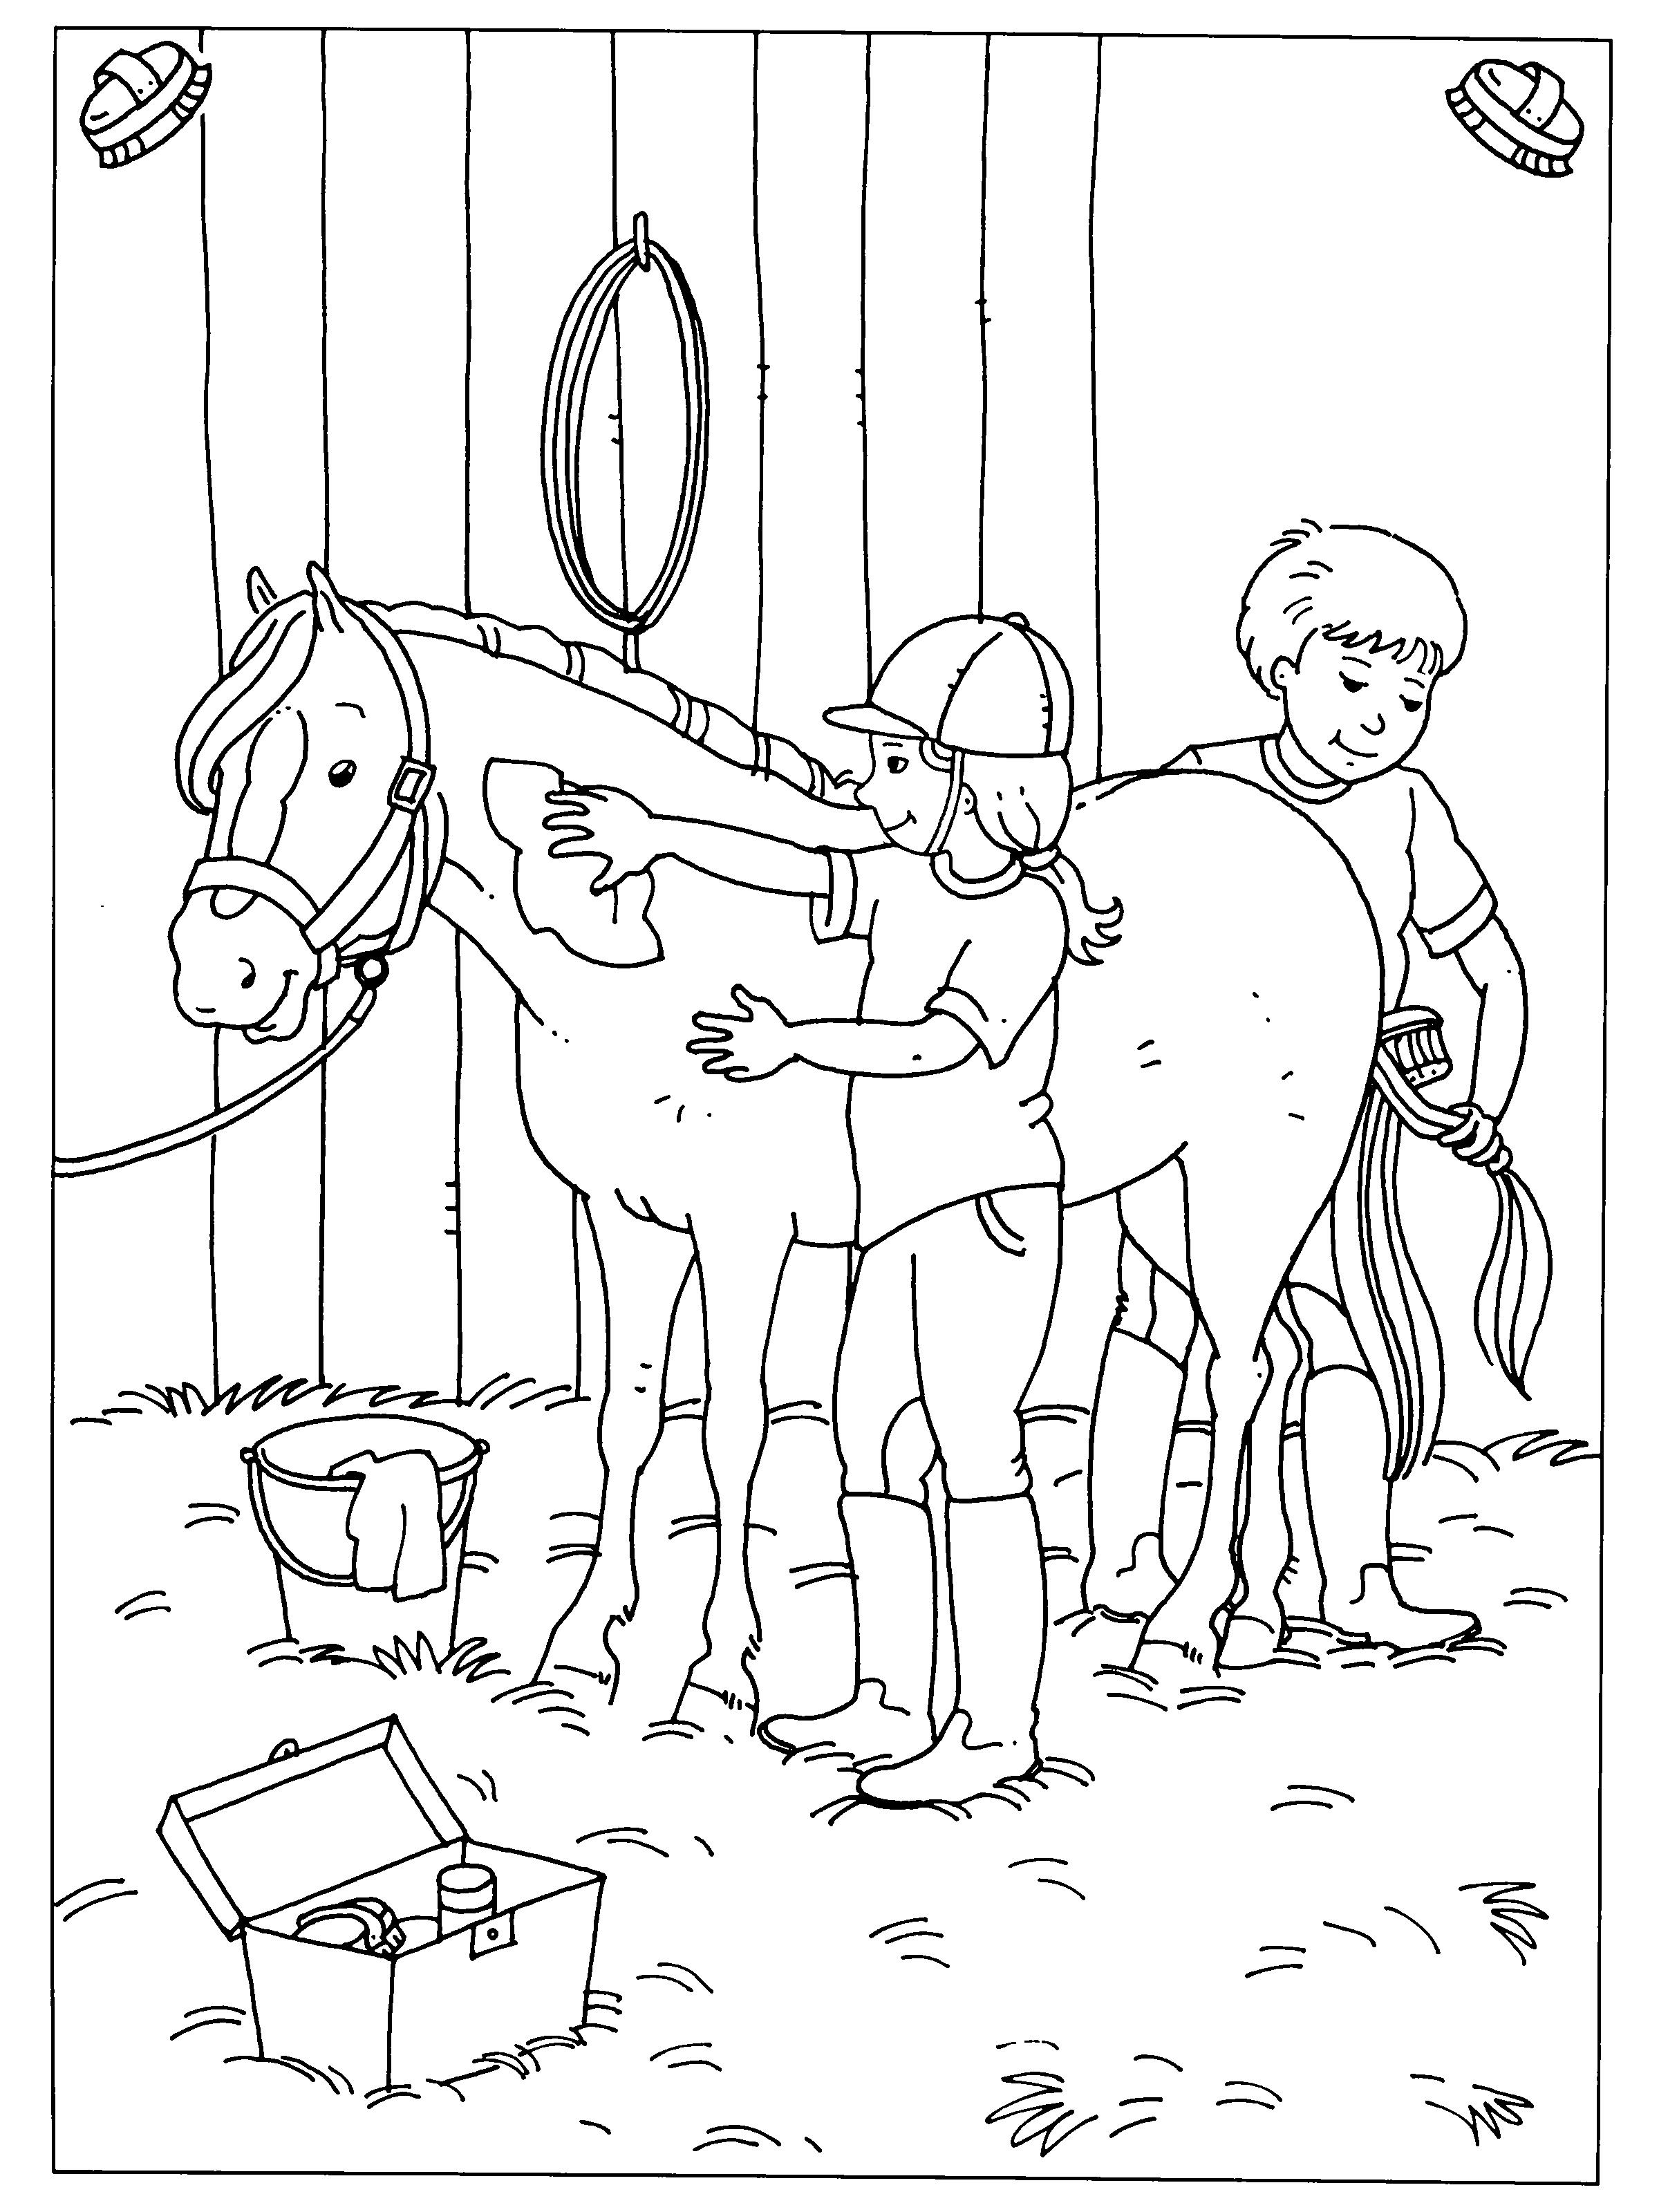 kleurplaten love paarden